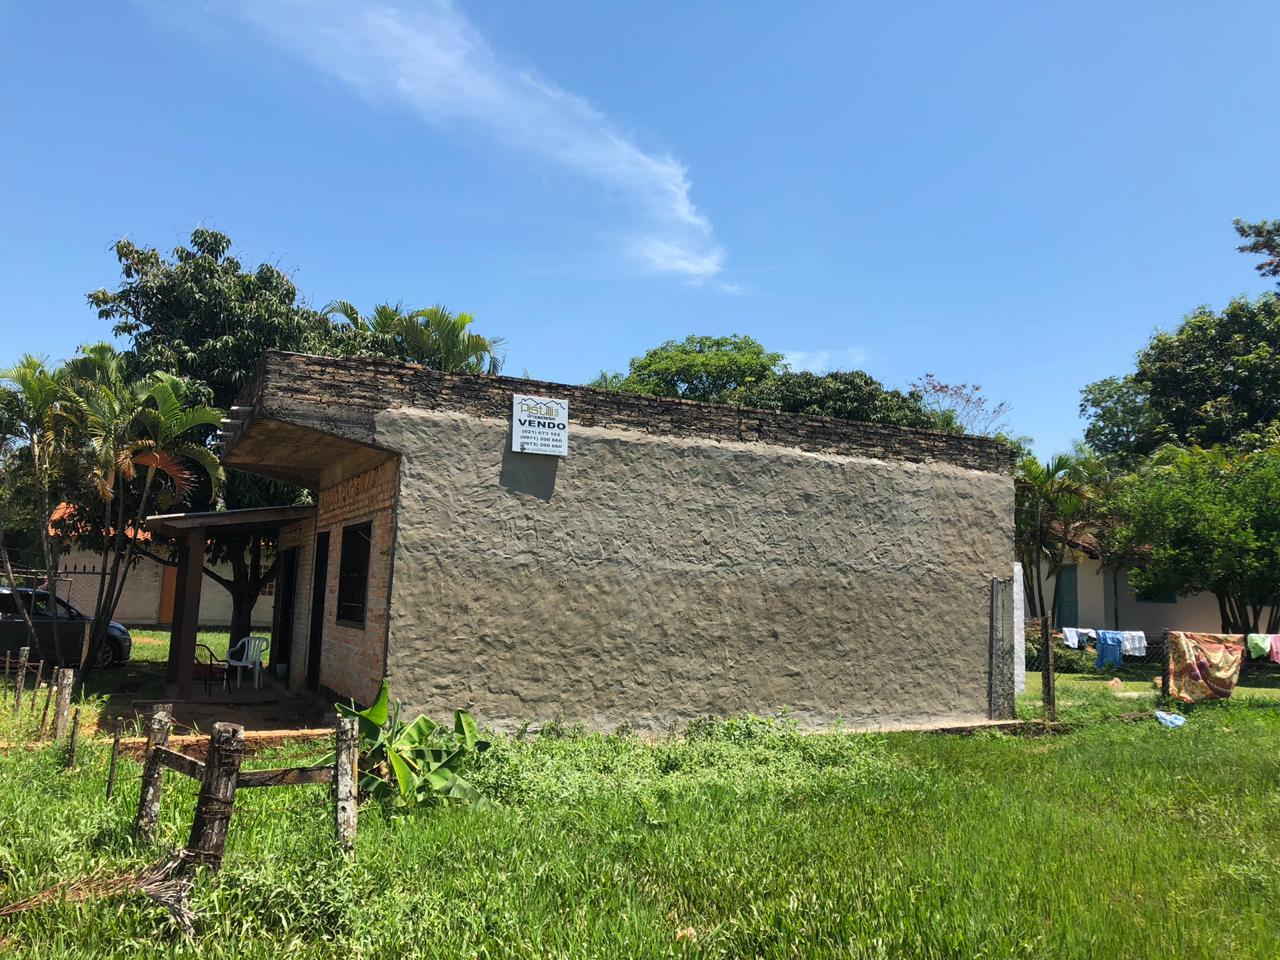 V-120 Casa - San Antonio De Padua - Areguá